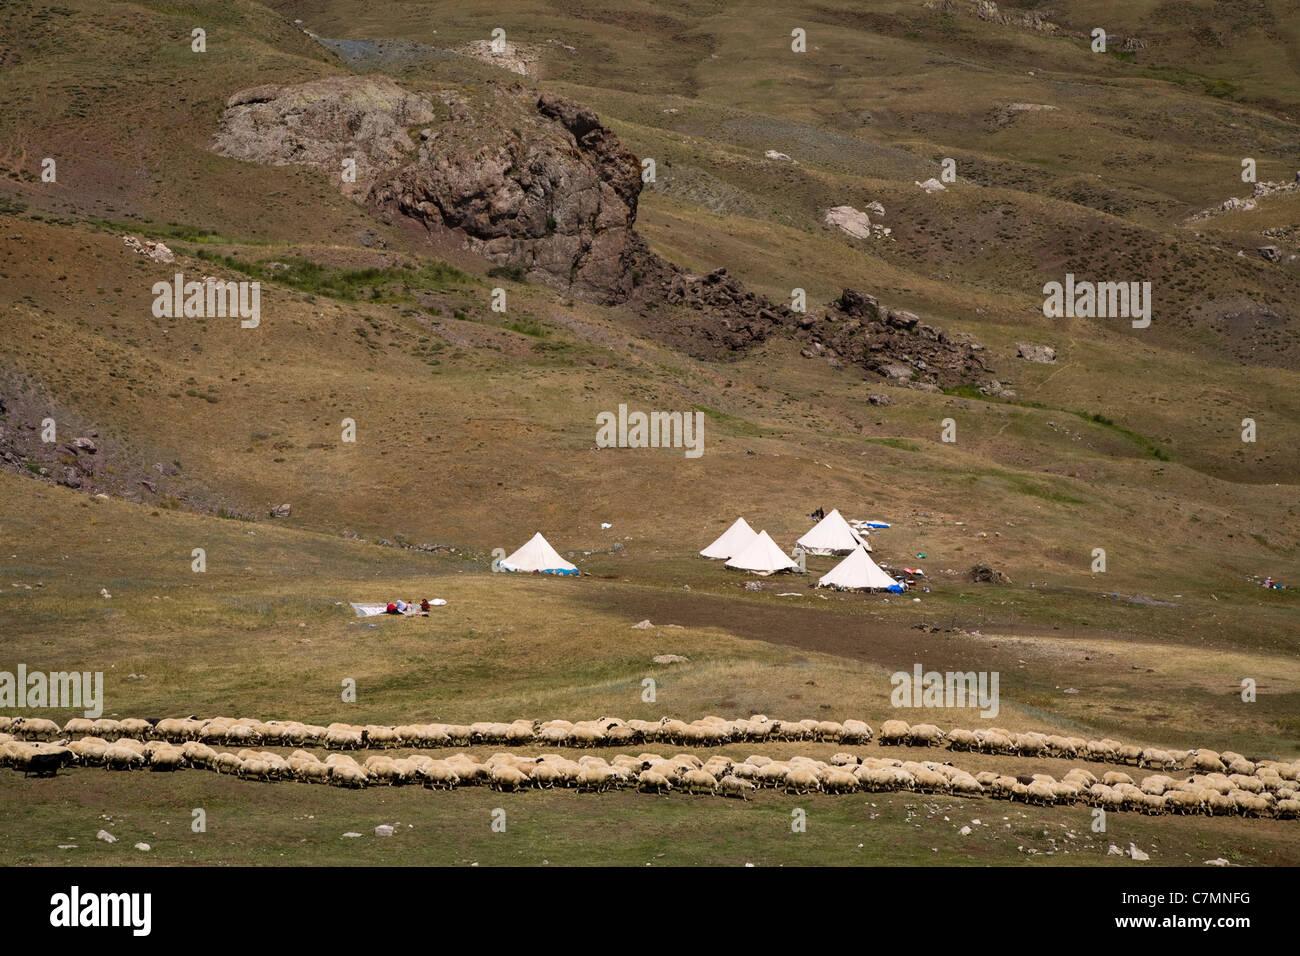 Şavaklar tribù nomadi in montagna Keşiş Erzincan Turchia Immagini Stock